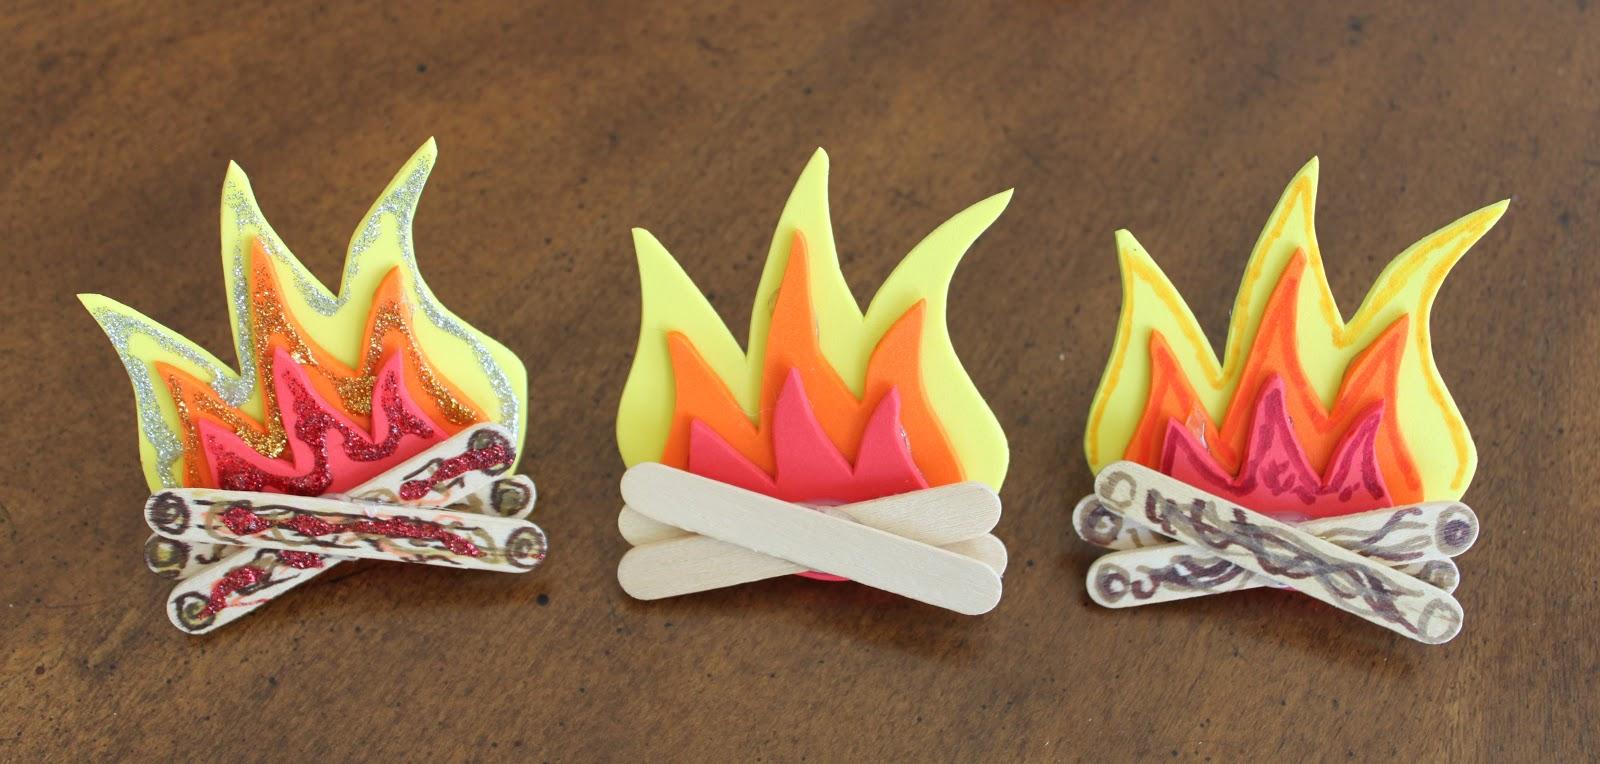 Cub Scout Christmas Party Ideas Part - 39: Campfire Neckerchief Slides For Cub Scouts